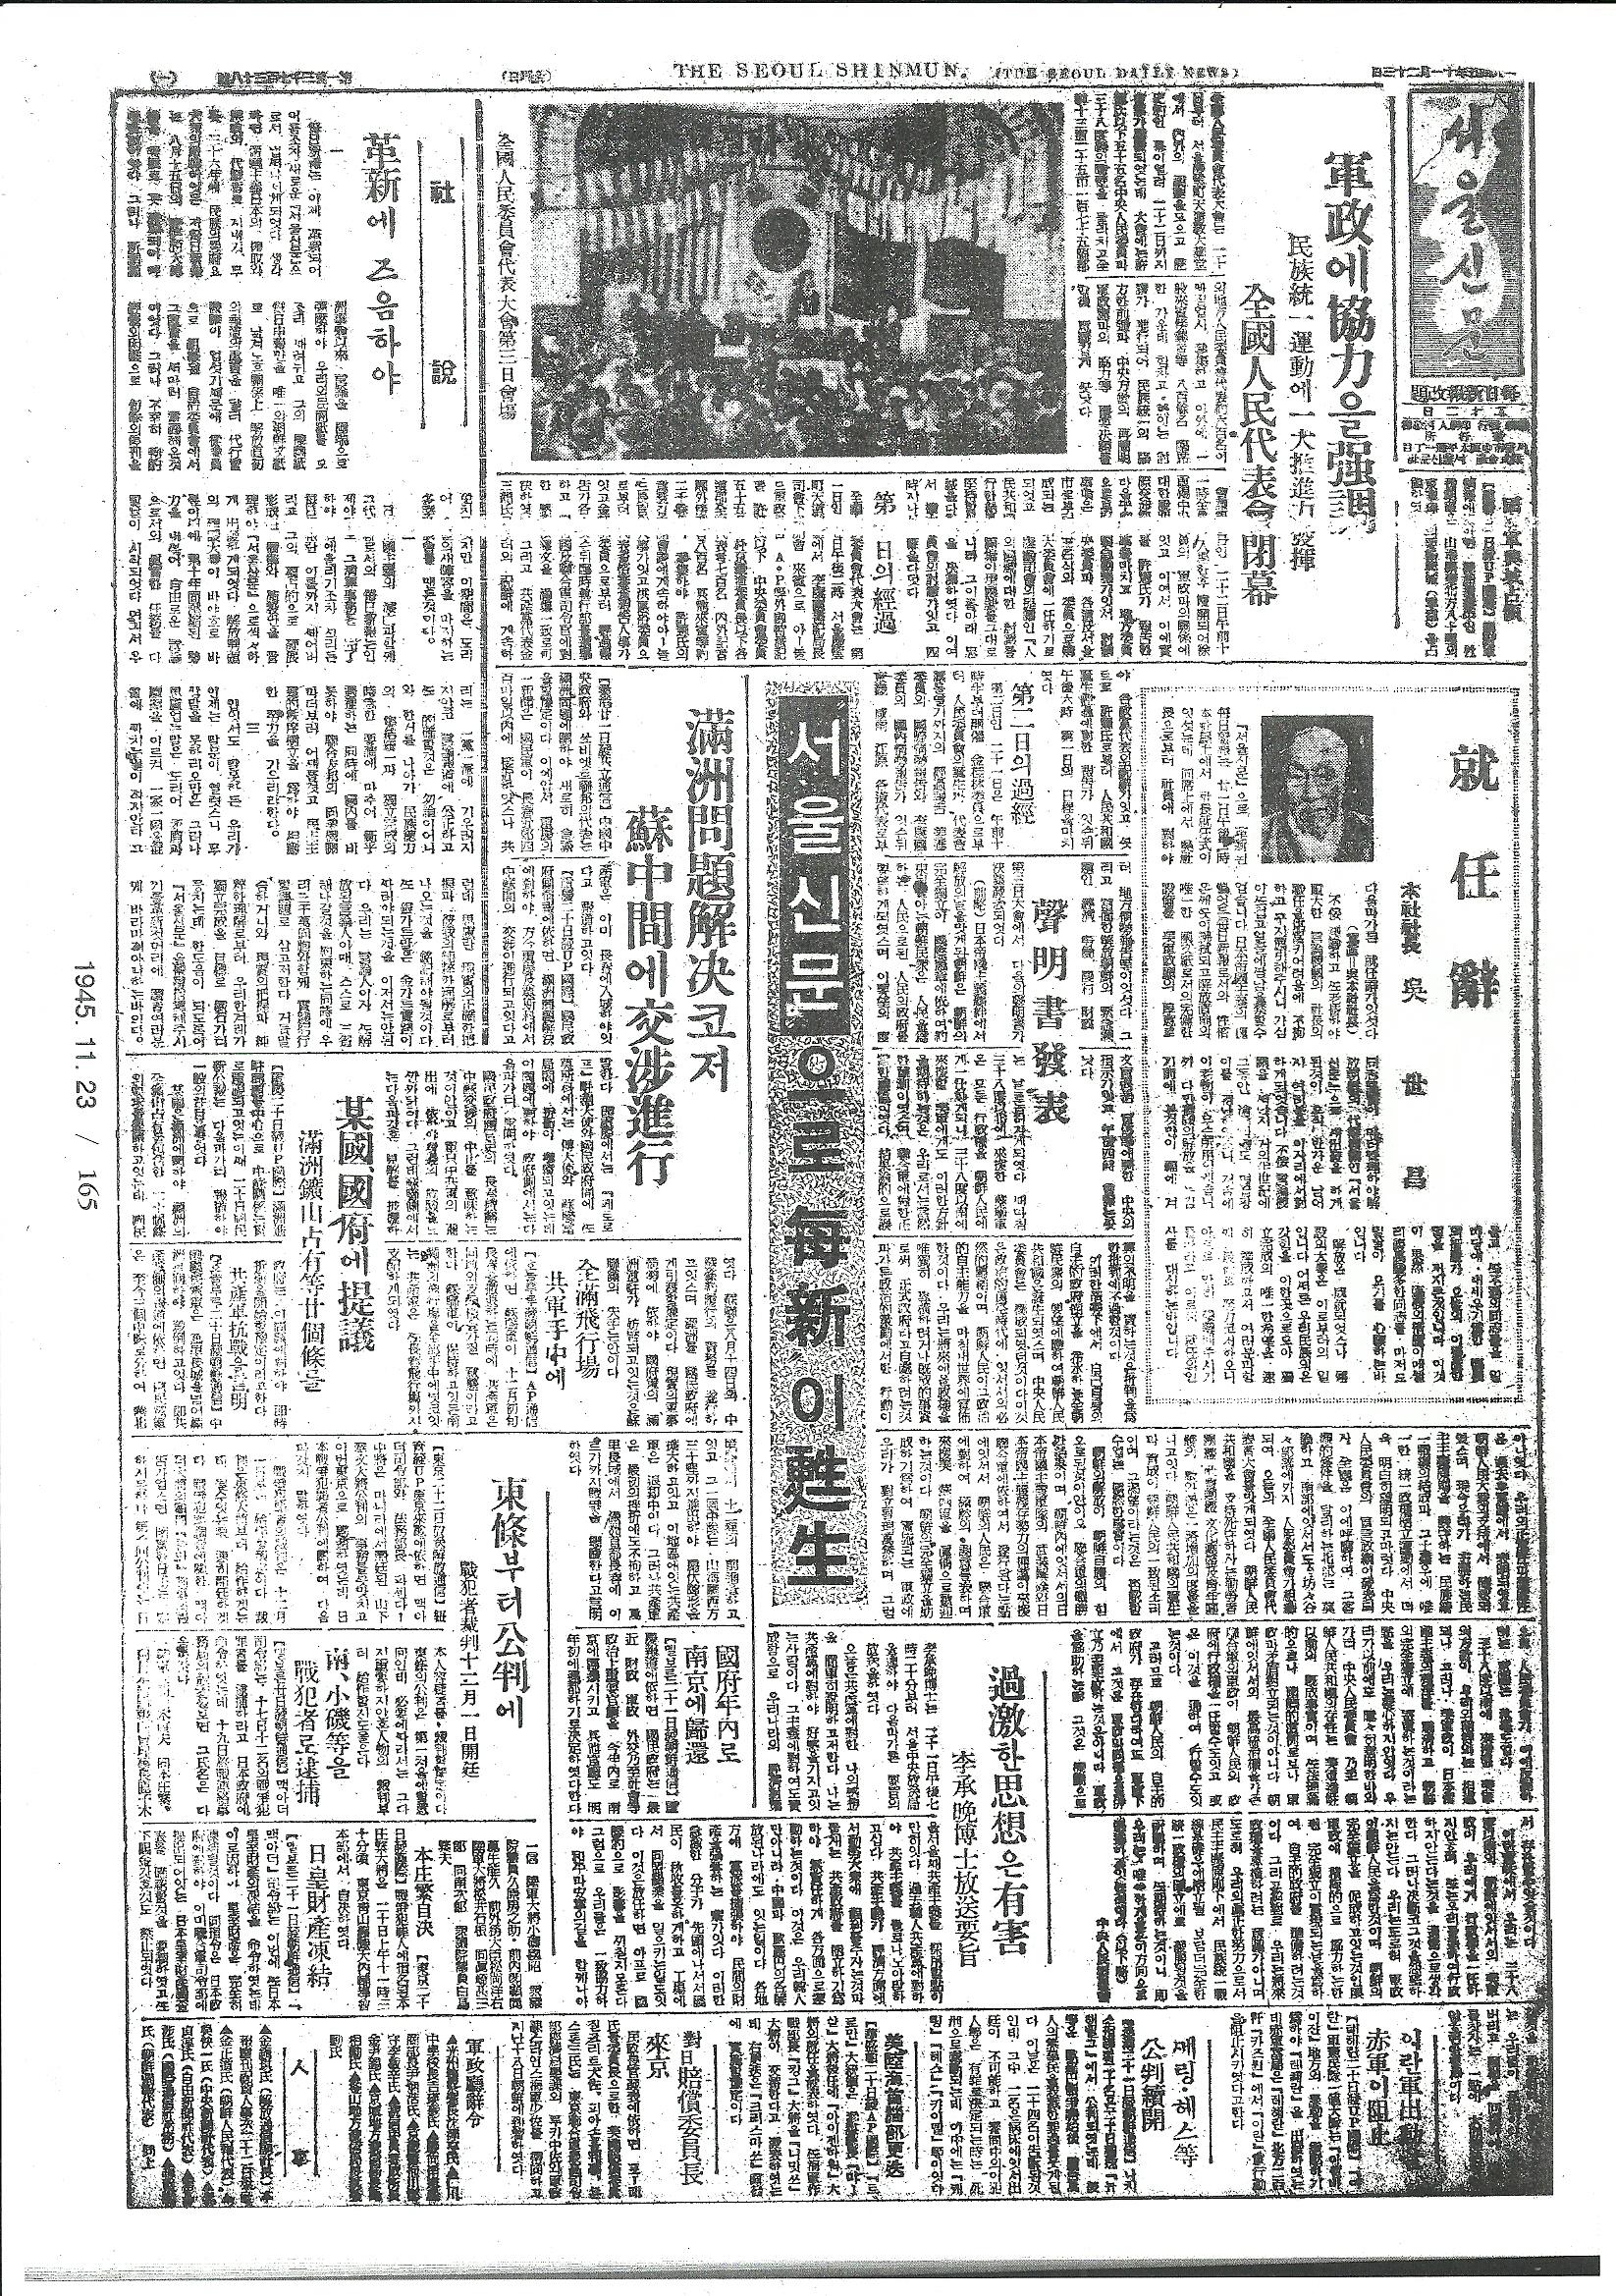 Imprimerie De L Ouest Parisien journal — wikipédia